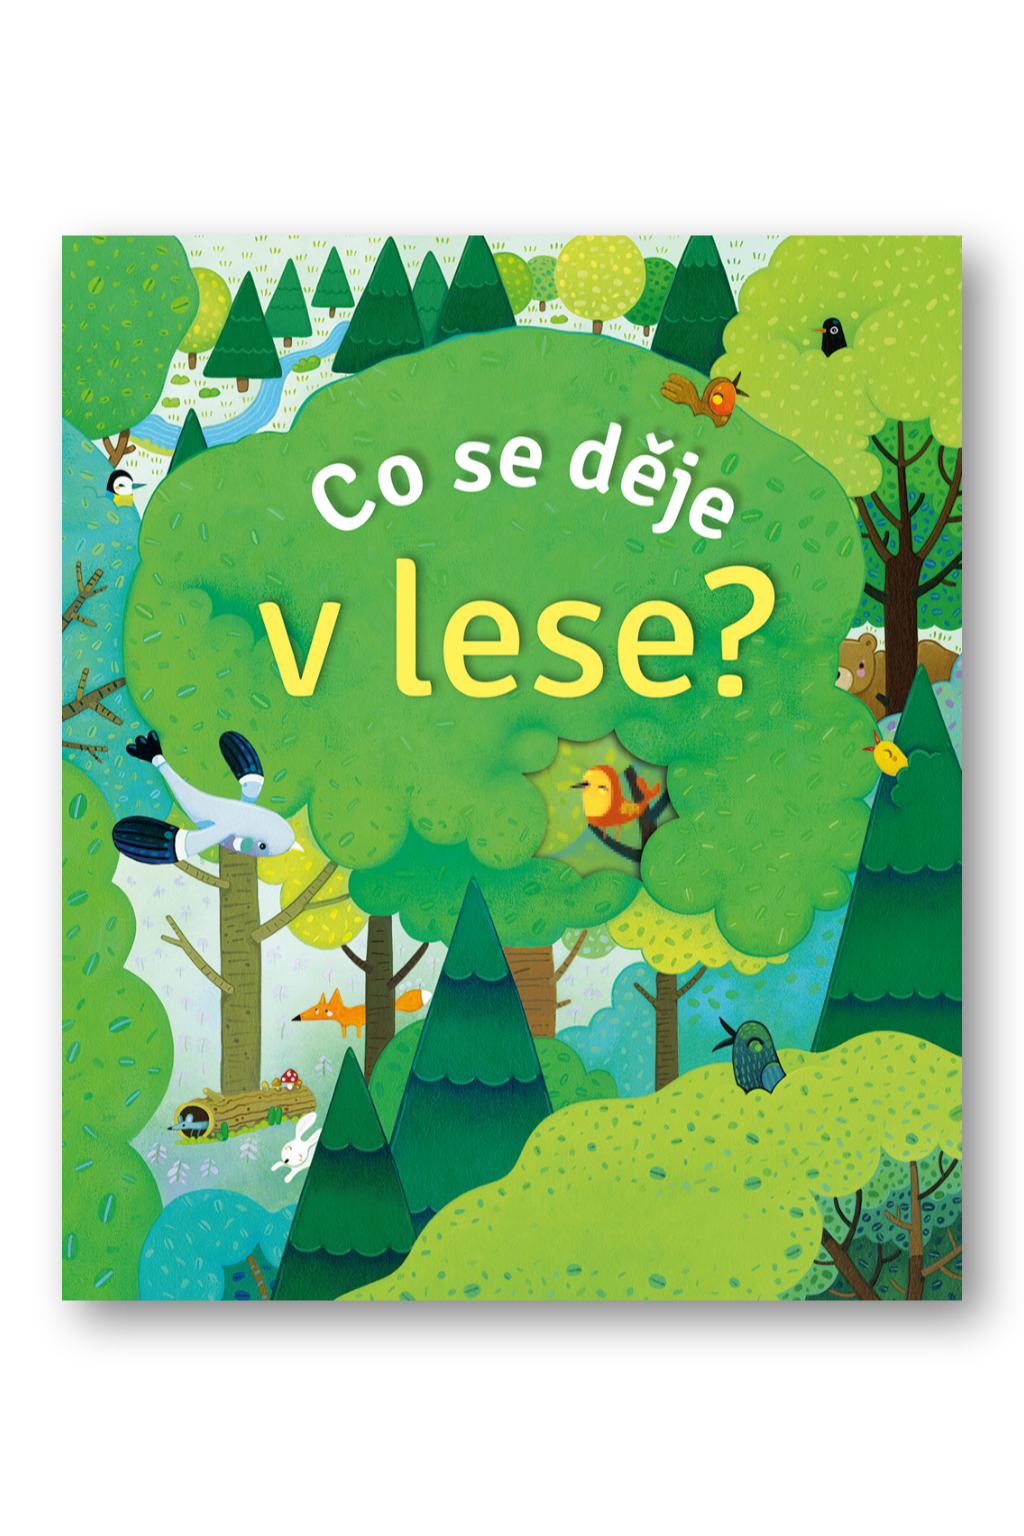 Co se děje v lese?